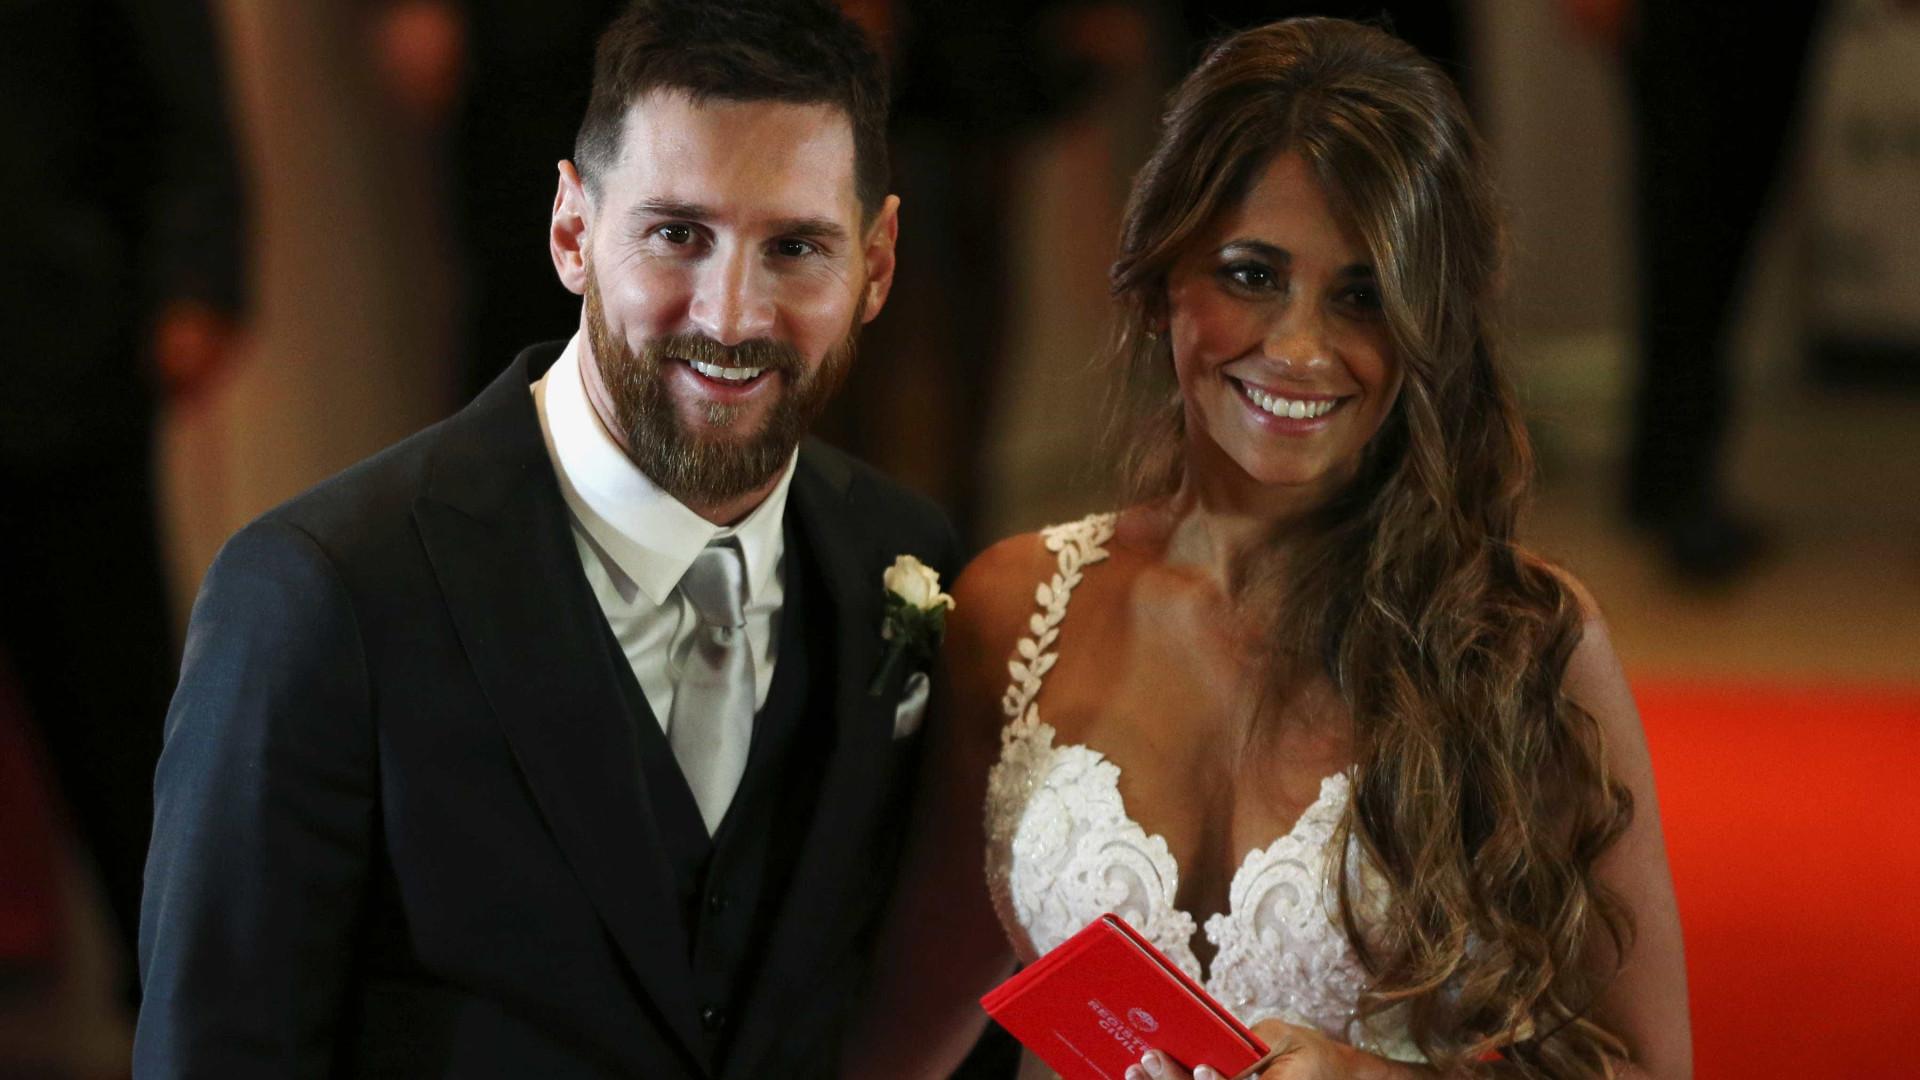 Messi mostra detalhes da cerimônia de casamento em vídeo